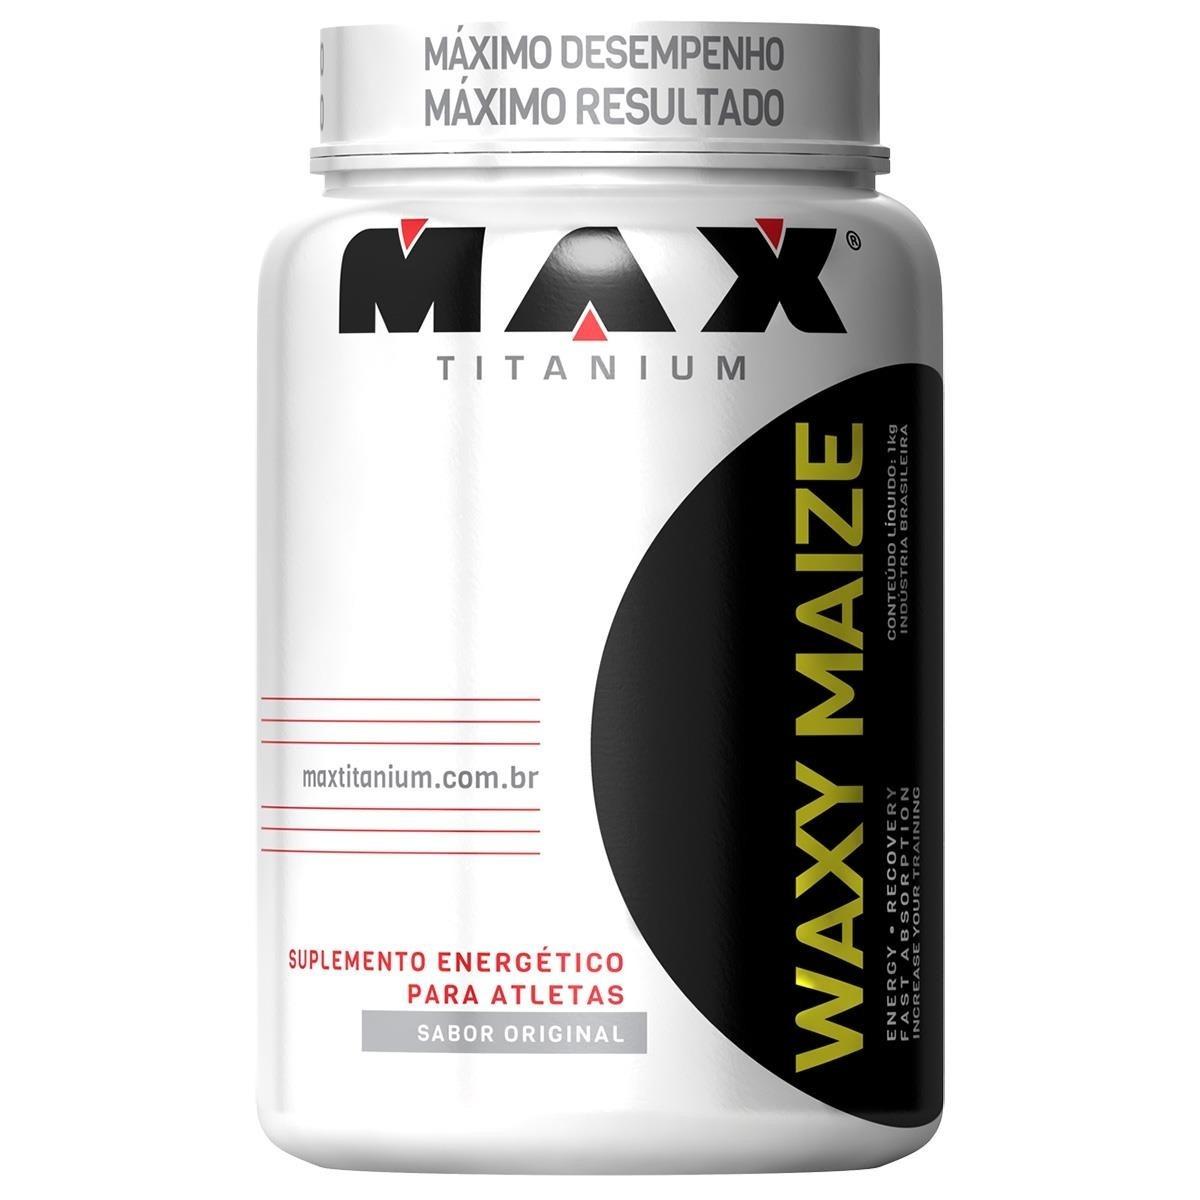 b60e6597c Waxy Maze Whey Maize Barato Max Titanium - 1kg - Promoção - R  47